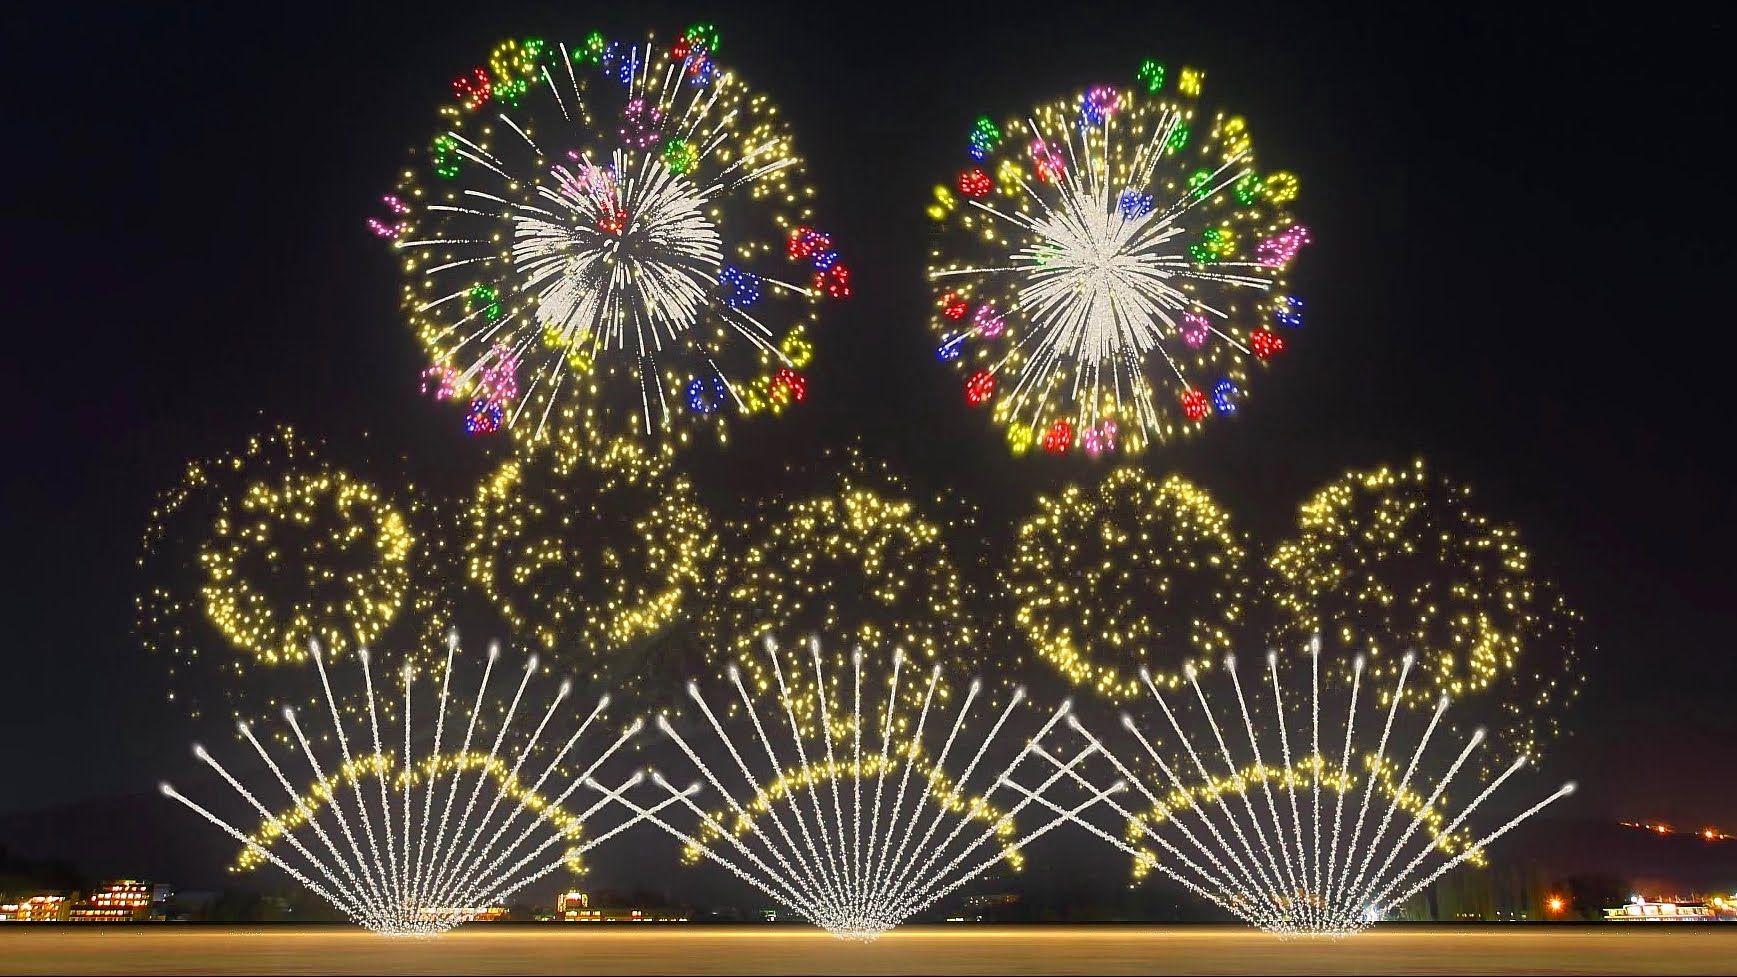 FWsim Mount Fuji Synchronized Fireworks Show... truly magnificeint ...